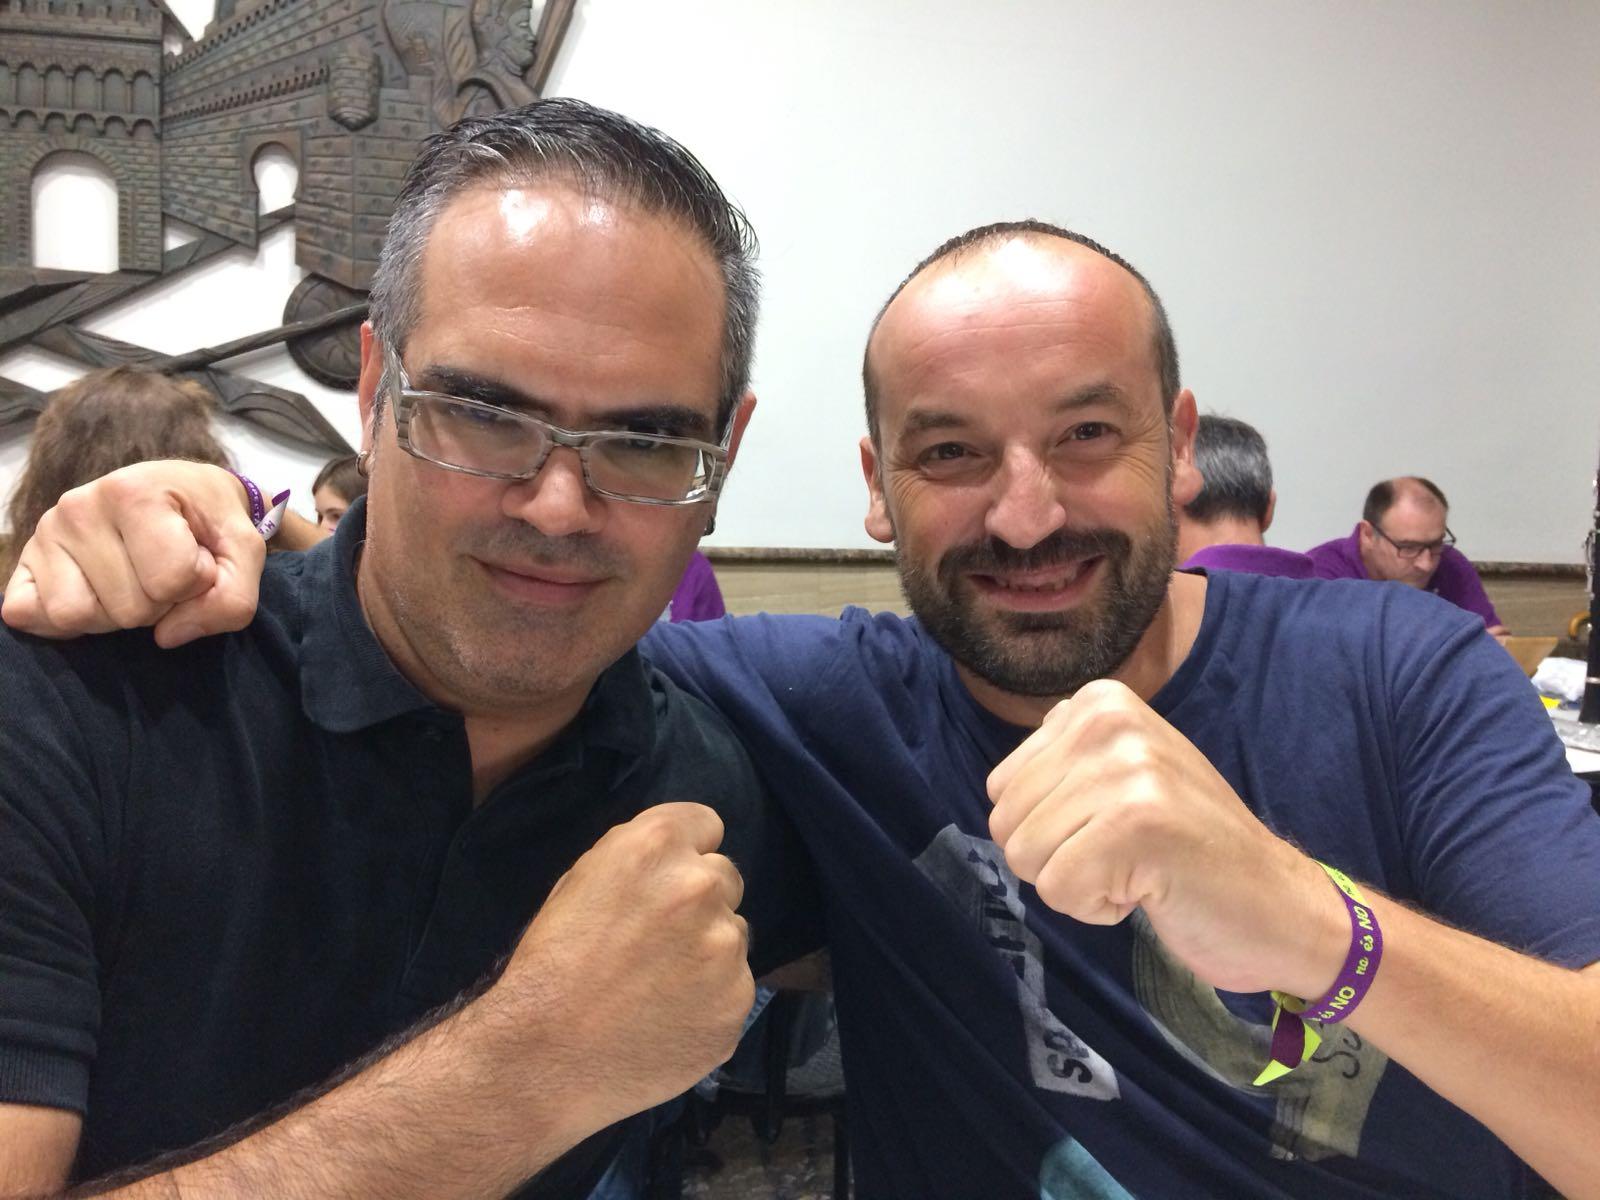 Rubén Montava i Vicent X. Vila, Ambaixador i Banderer Cristians 2019 El Periòdic d'Ontinyent